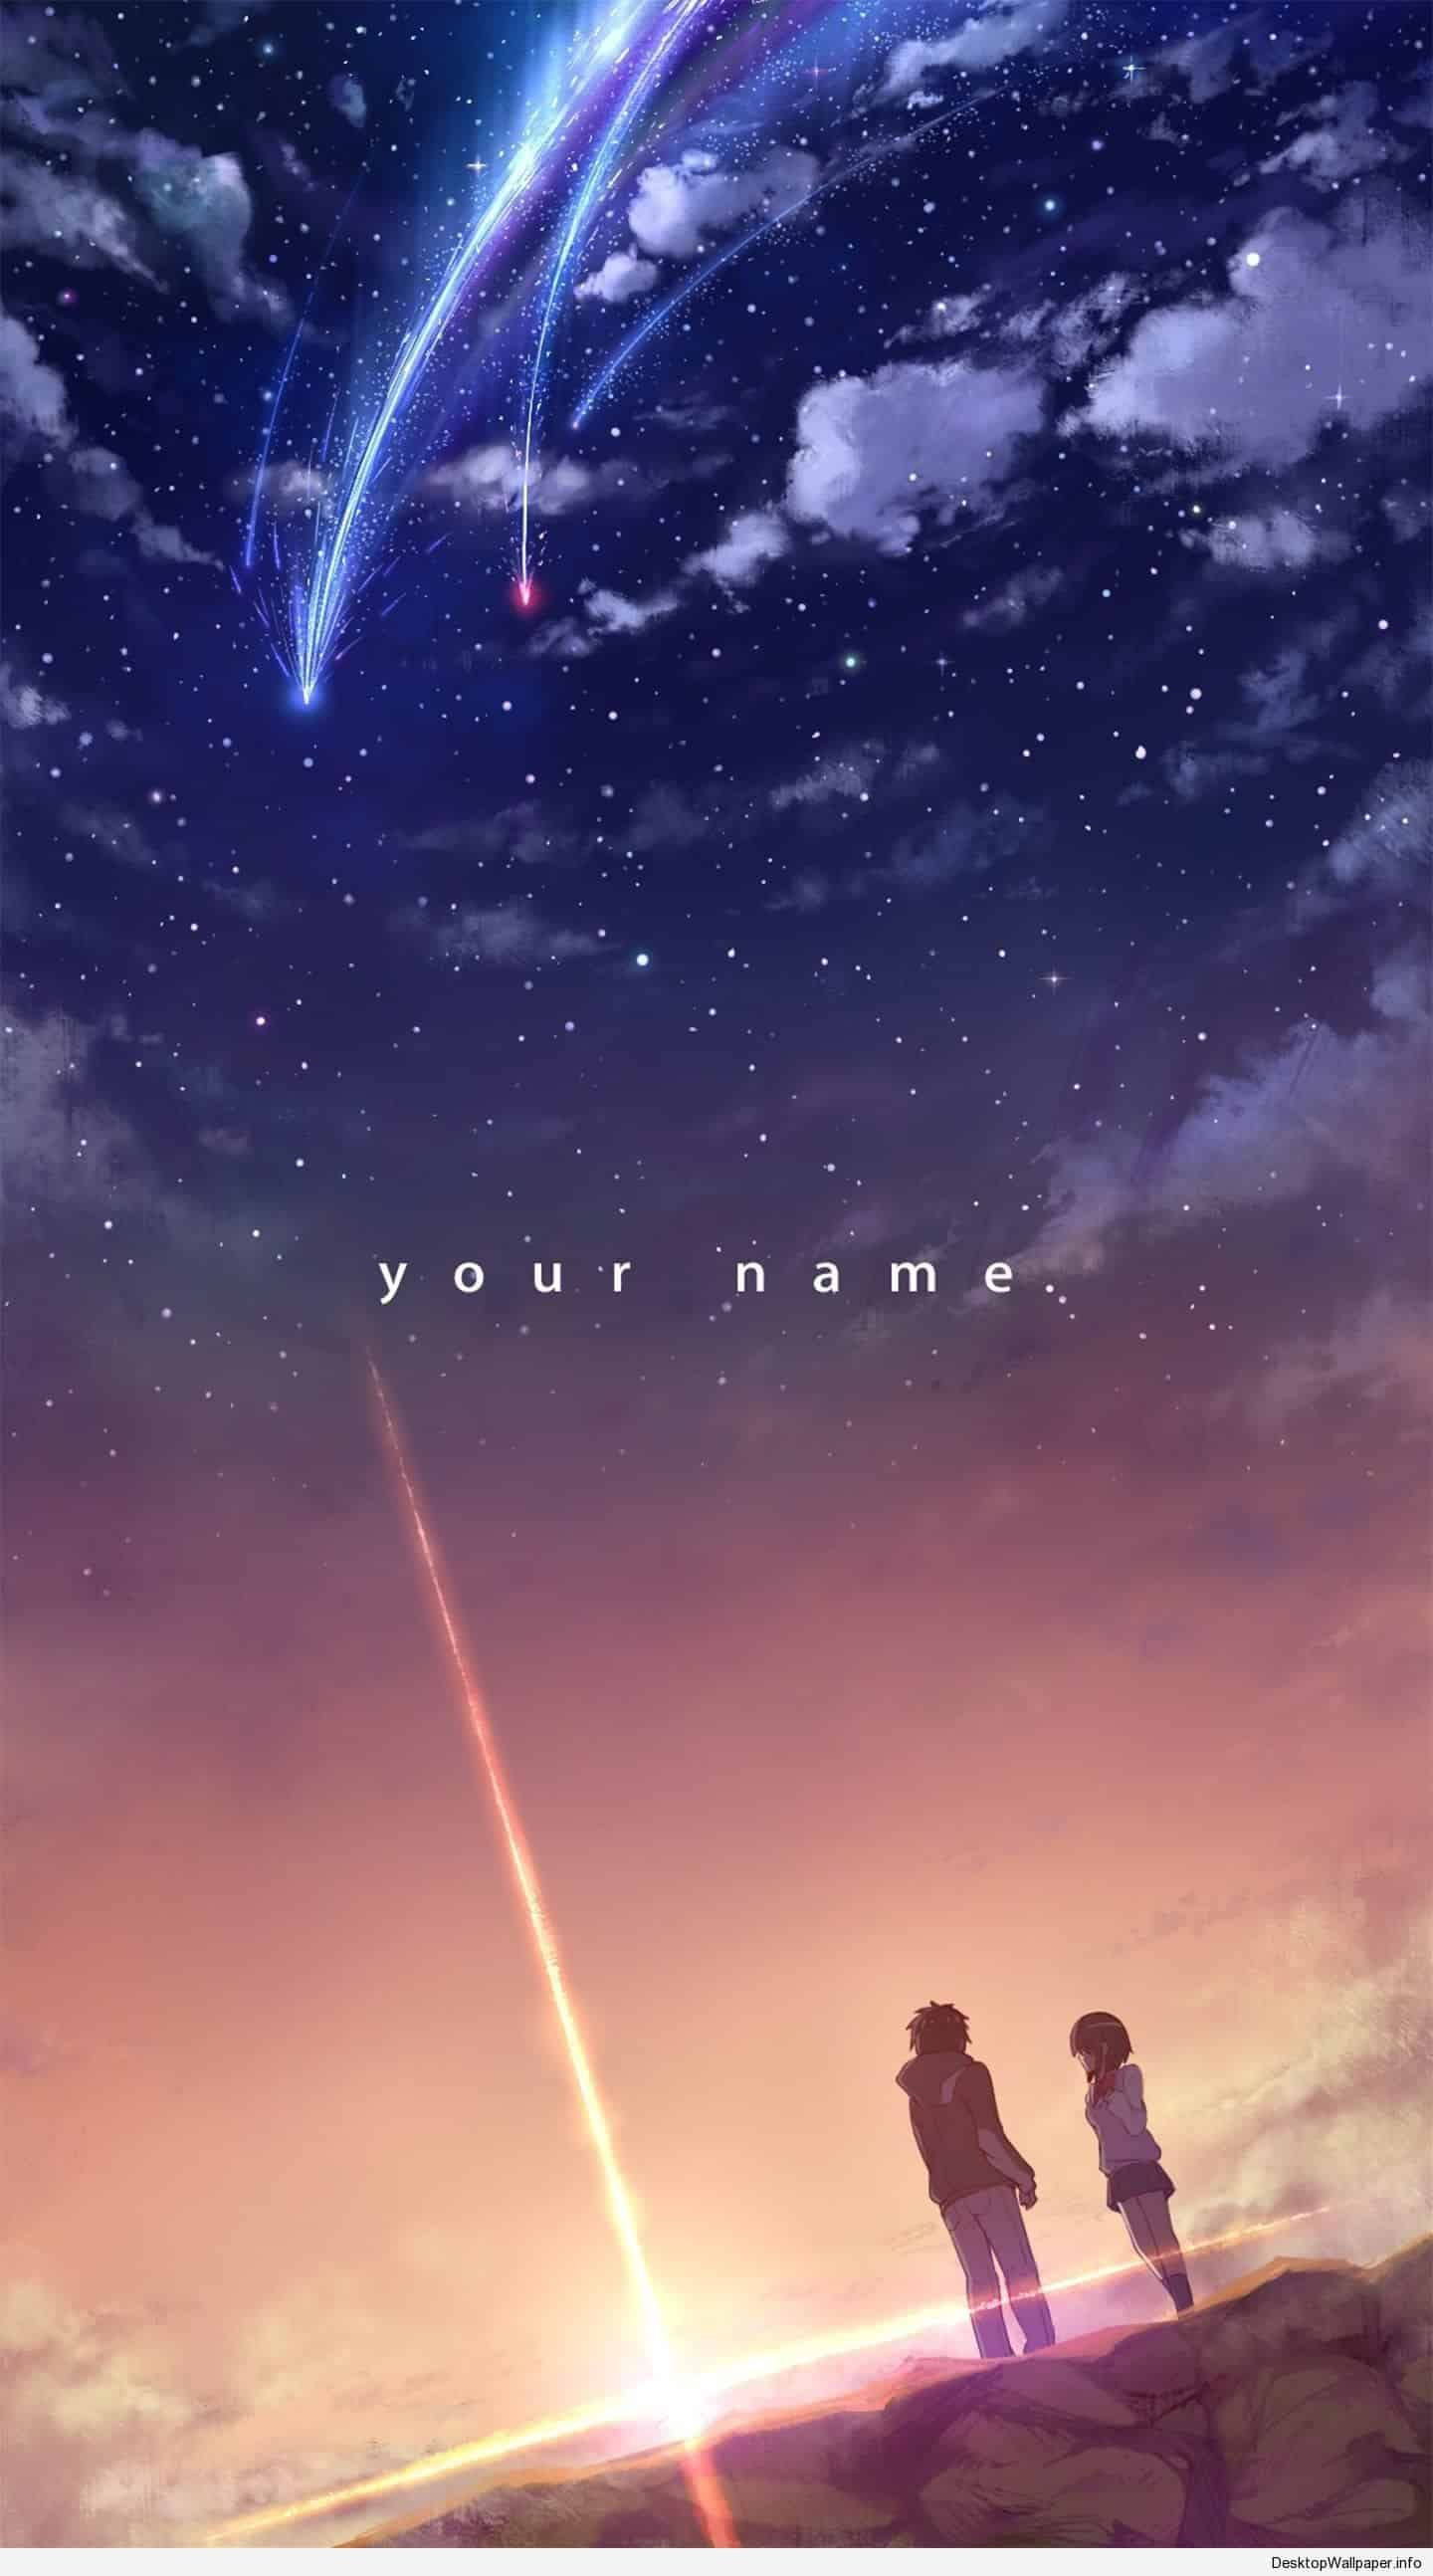 Kimi No Na Wa Wallpaper Android Kimi No Na Wa Wallpaper Your Name Wallpaper Anime Wallpaper Iphone Full hd your name anime wallpaper